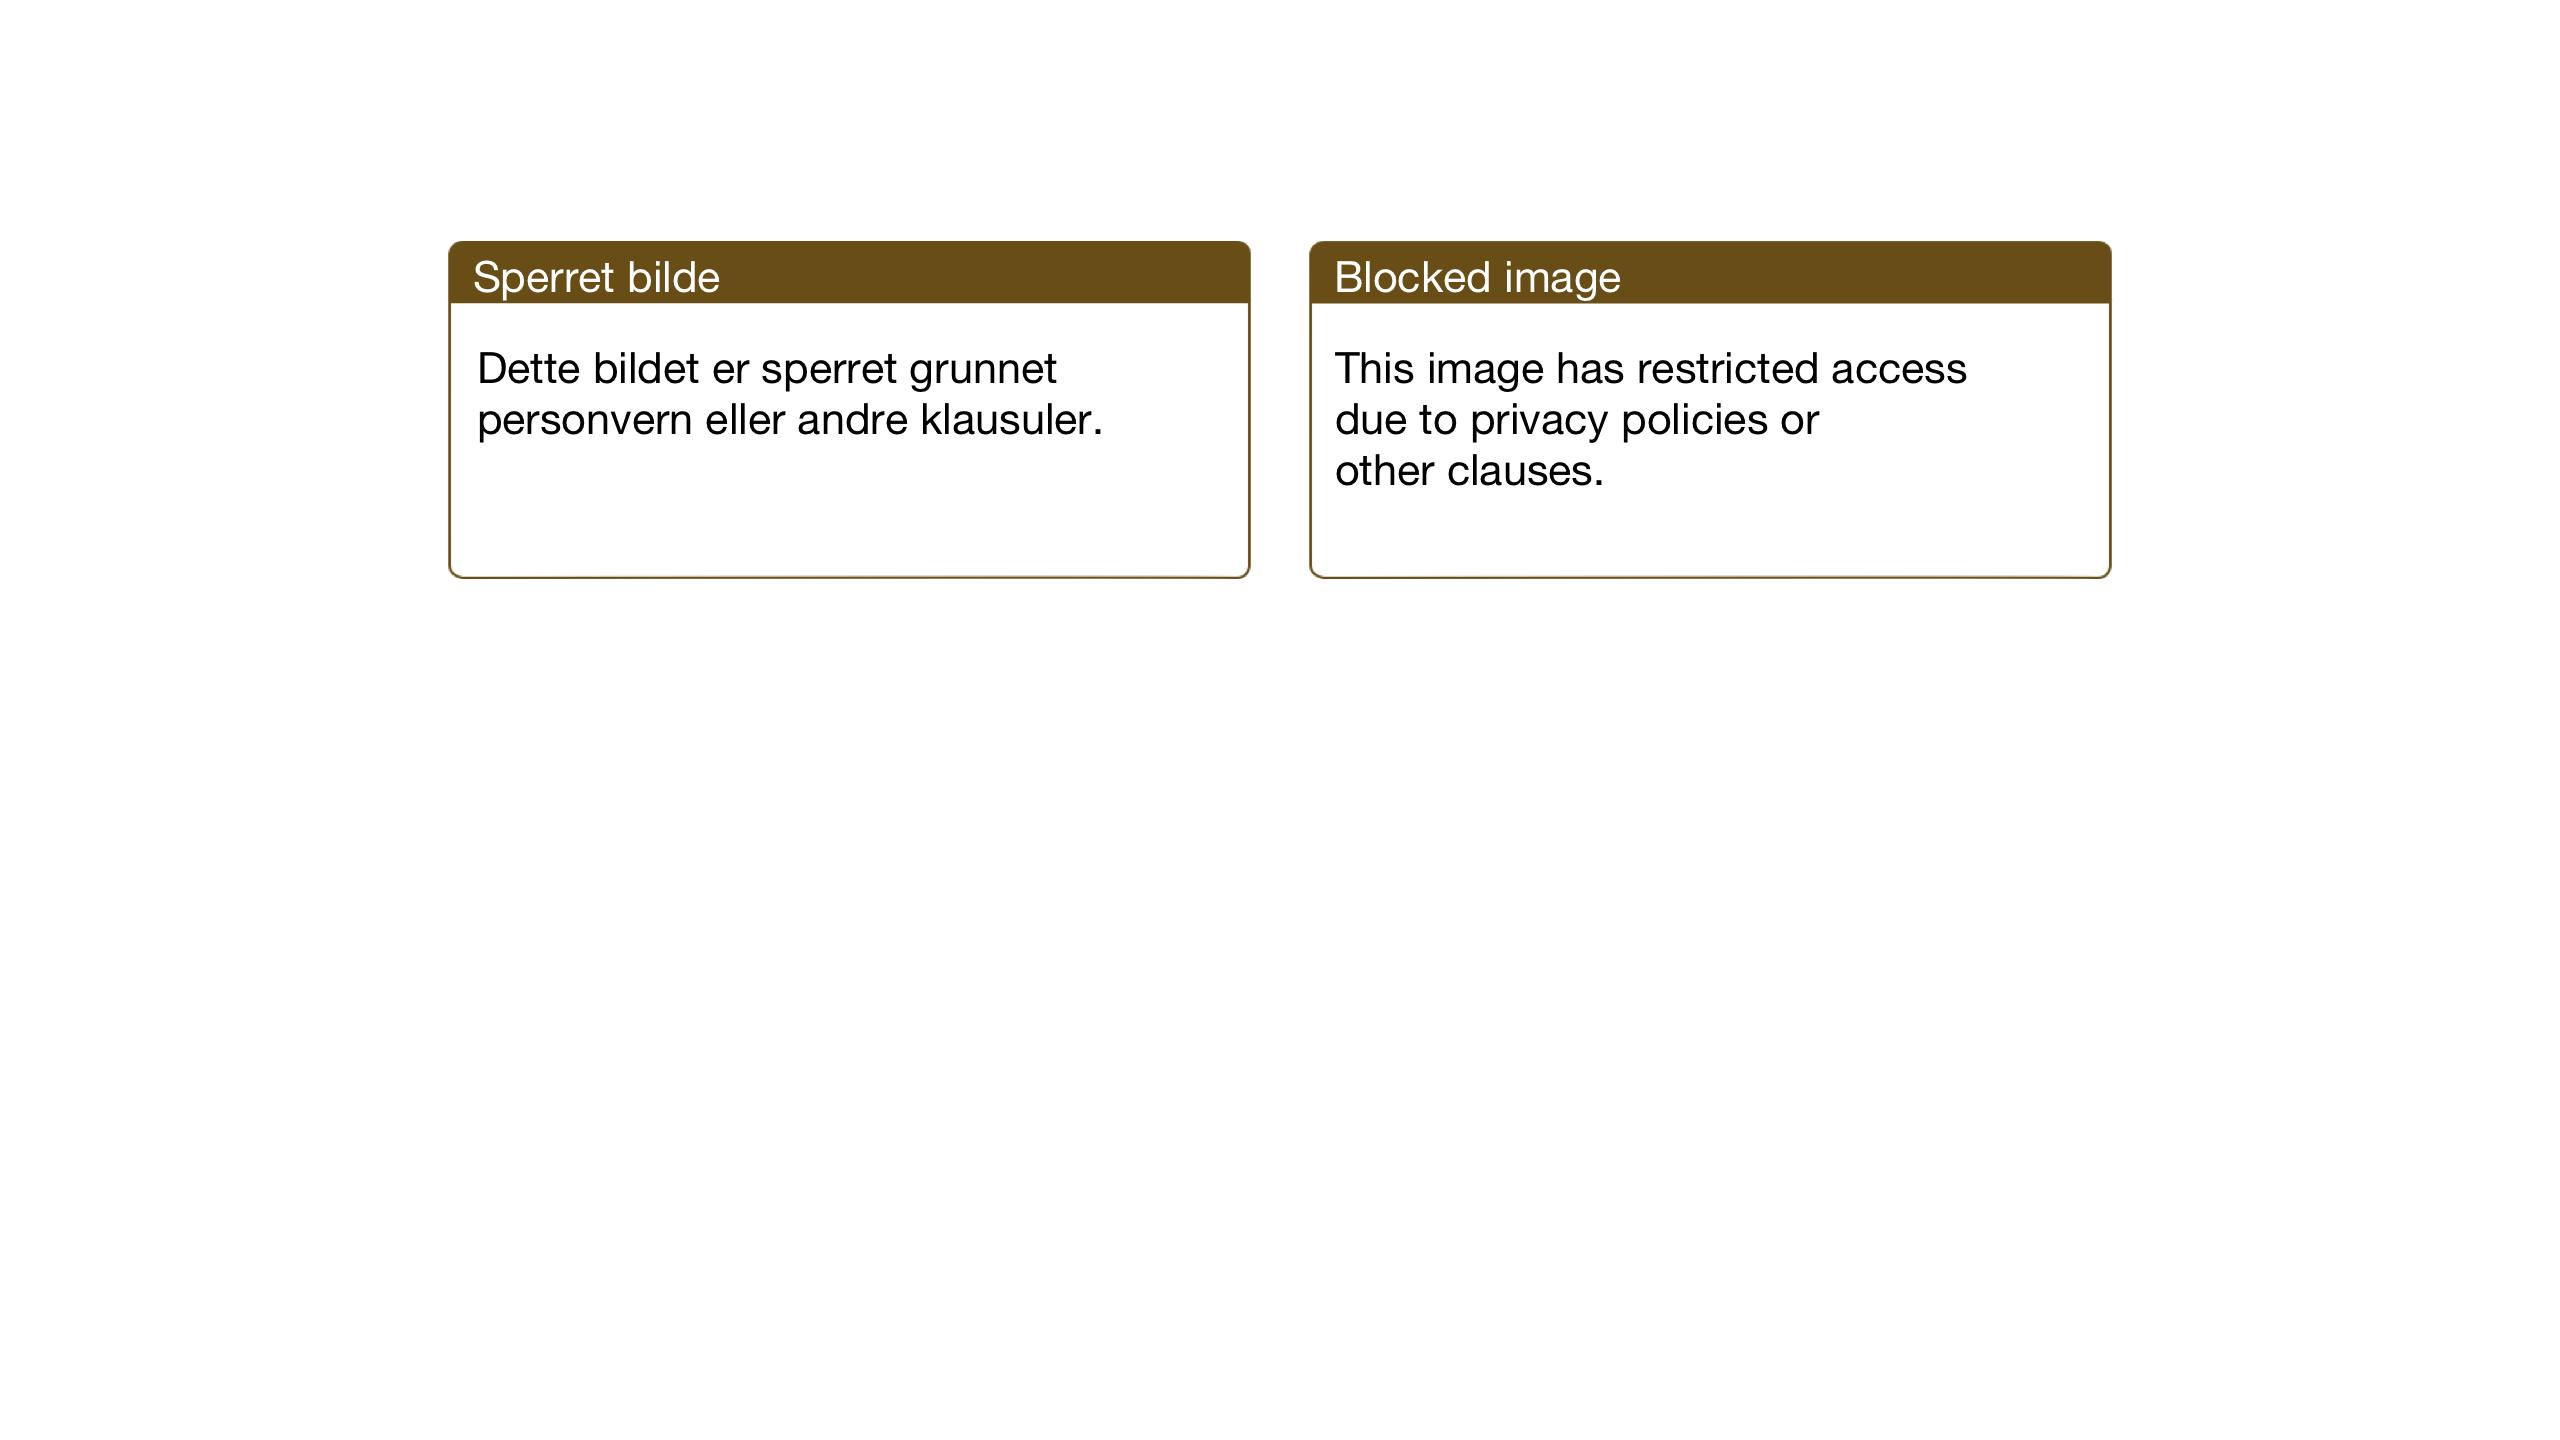 SAT, Ministerialprotokoller, klokkerbøker og fødselsregistre - Nord-Trøndelag, 713/L0125: Klokkerbok nr. 713C02, 1931-1941, s. 55